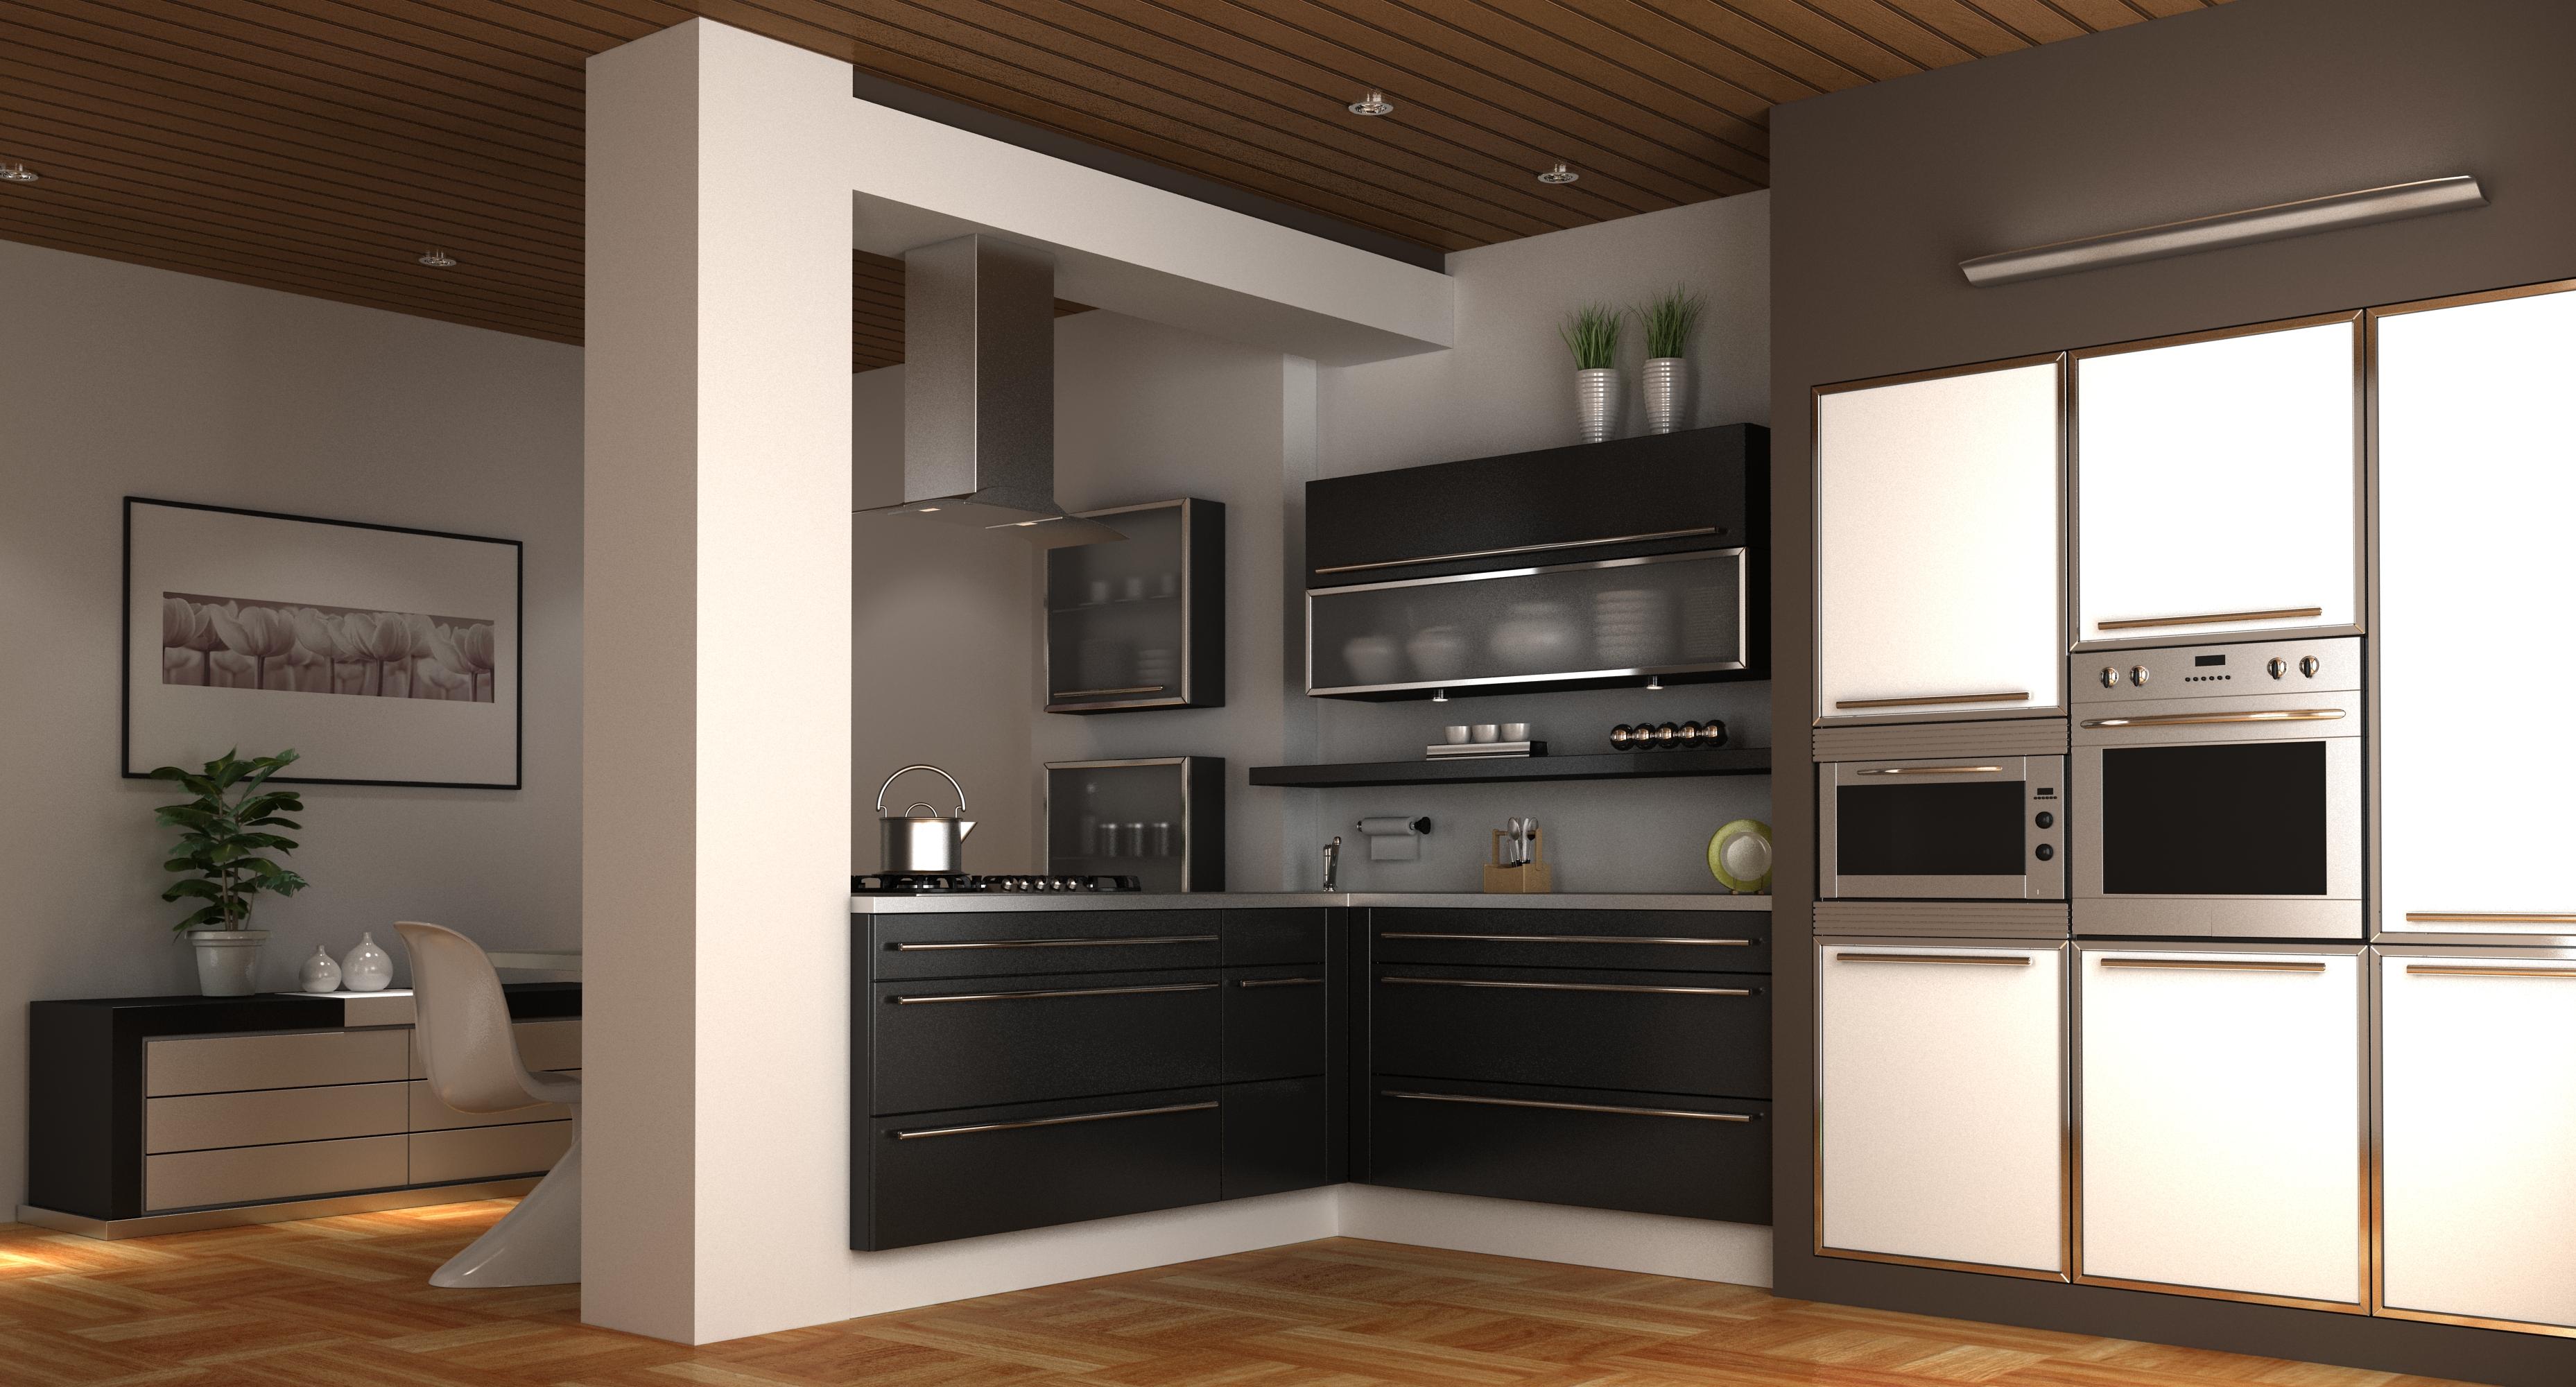 Cocina B0000